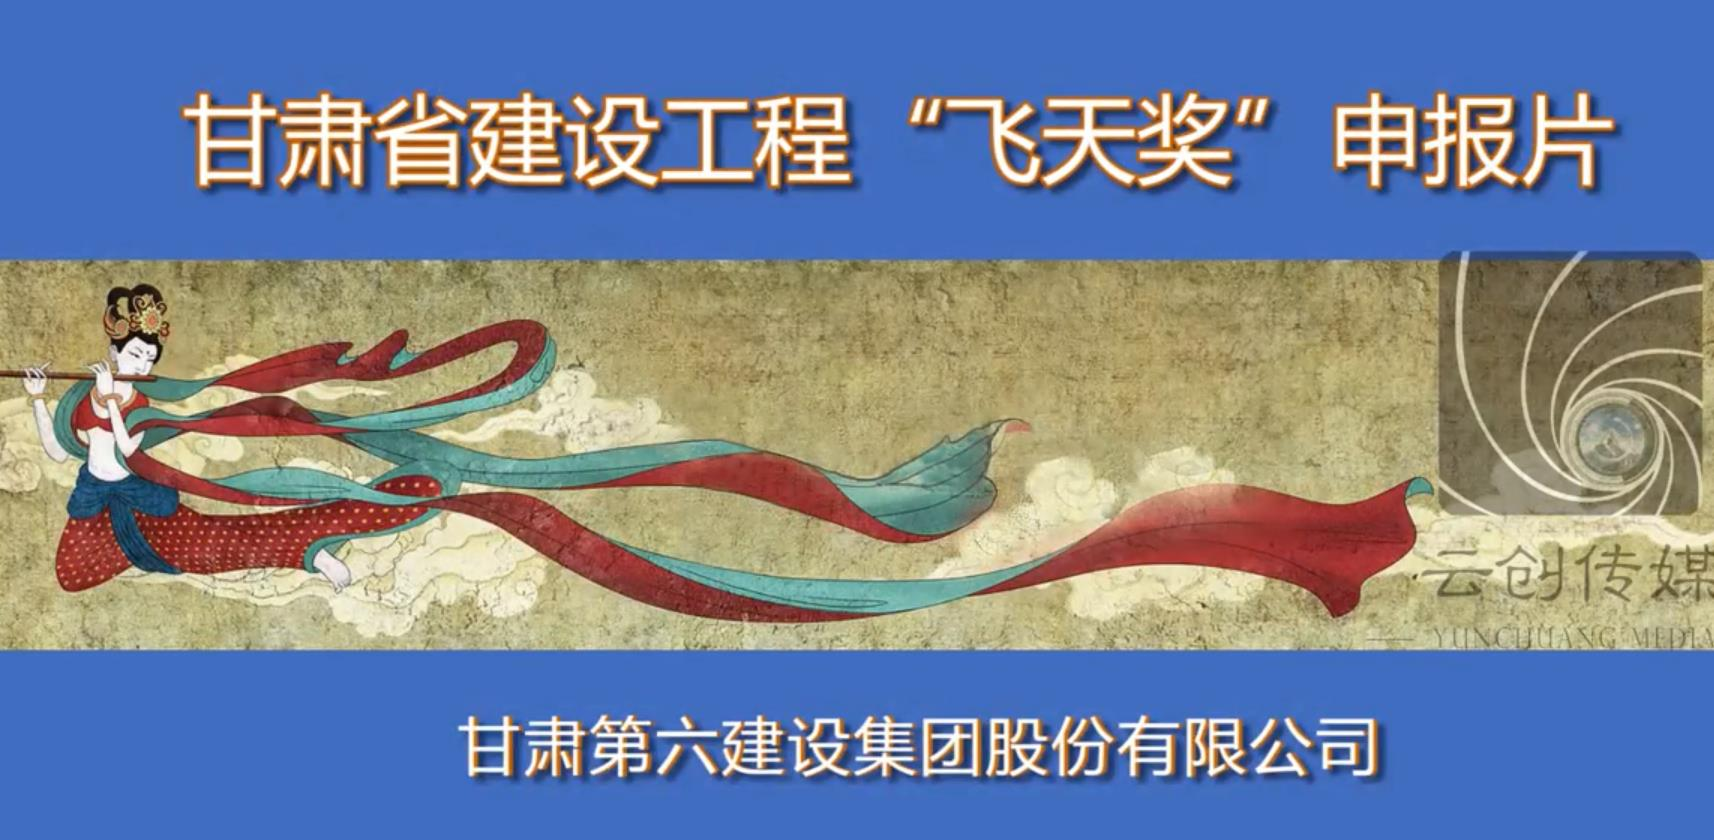 夏河县文化馆和图书馆建设项目-飞天奖